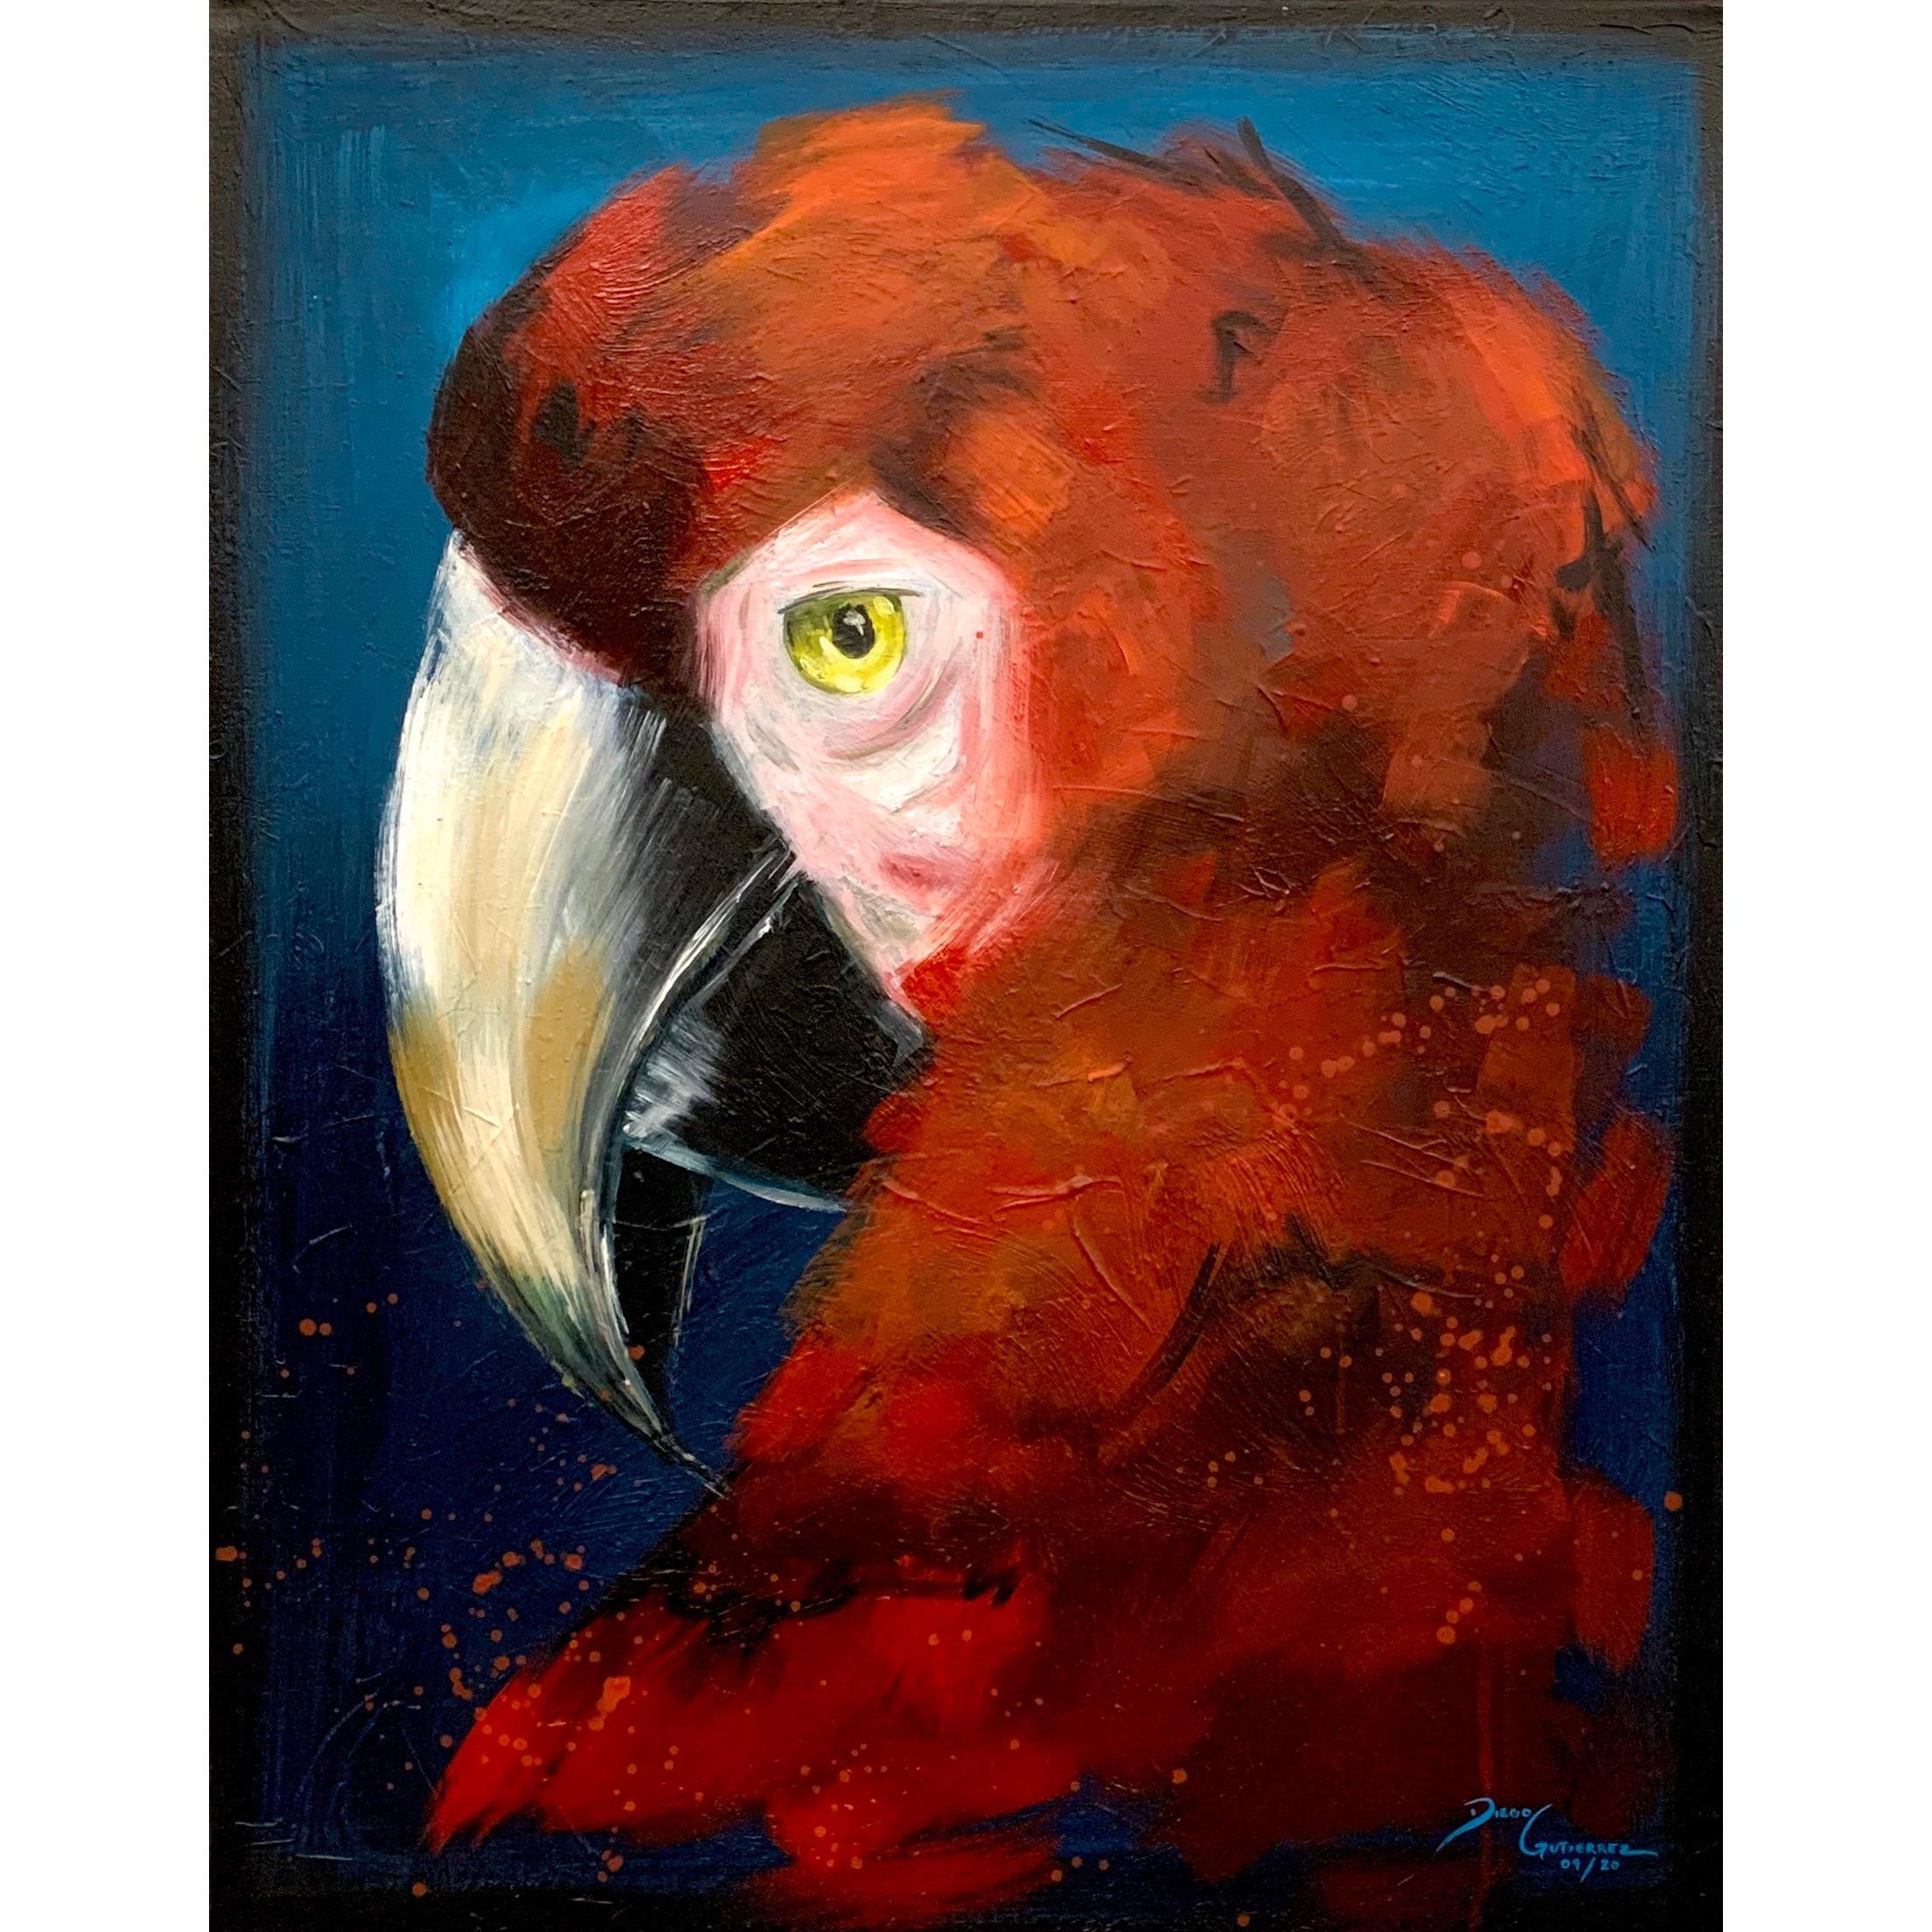 diego-gutierrez-gallery-animals-parrot-04